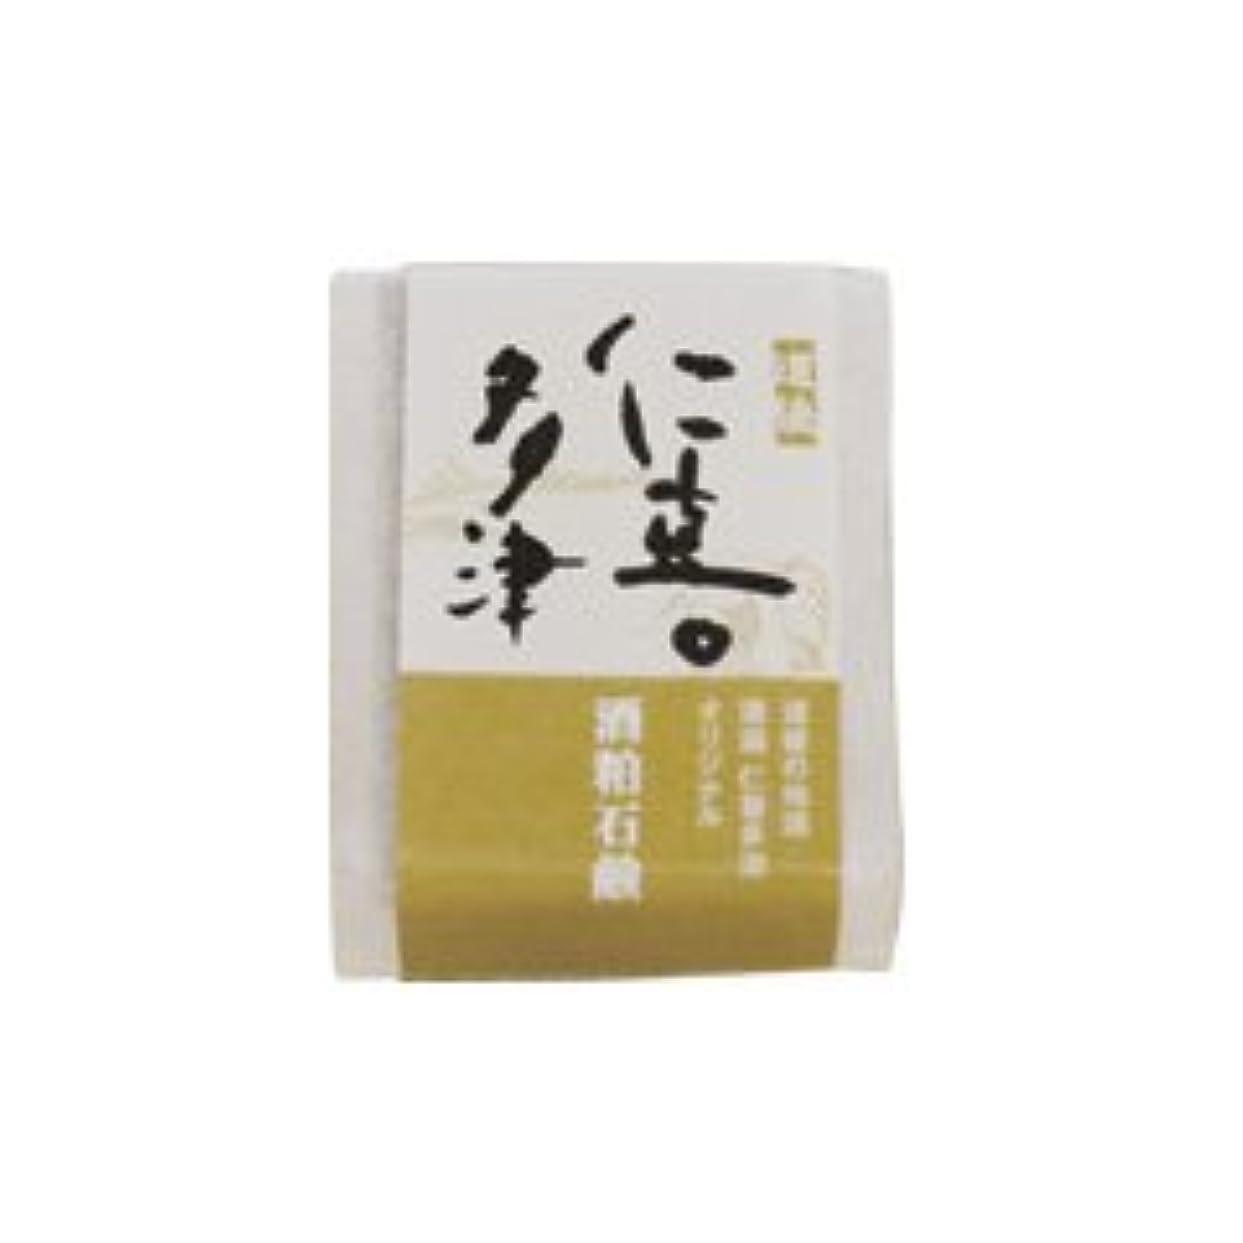 幸運な入札手がかり仁喜多津 オリジナル 酒粕石鹸 60g